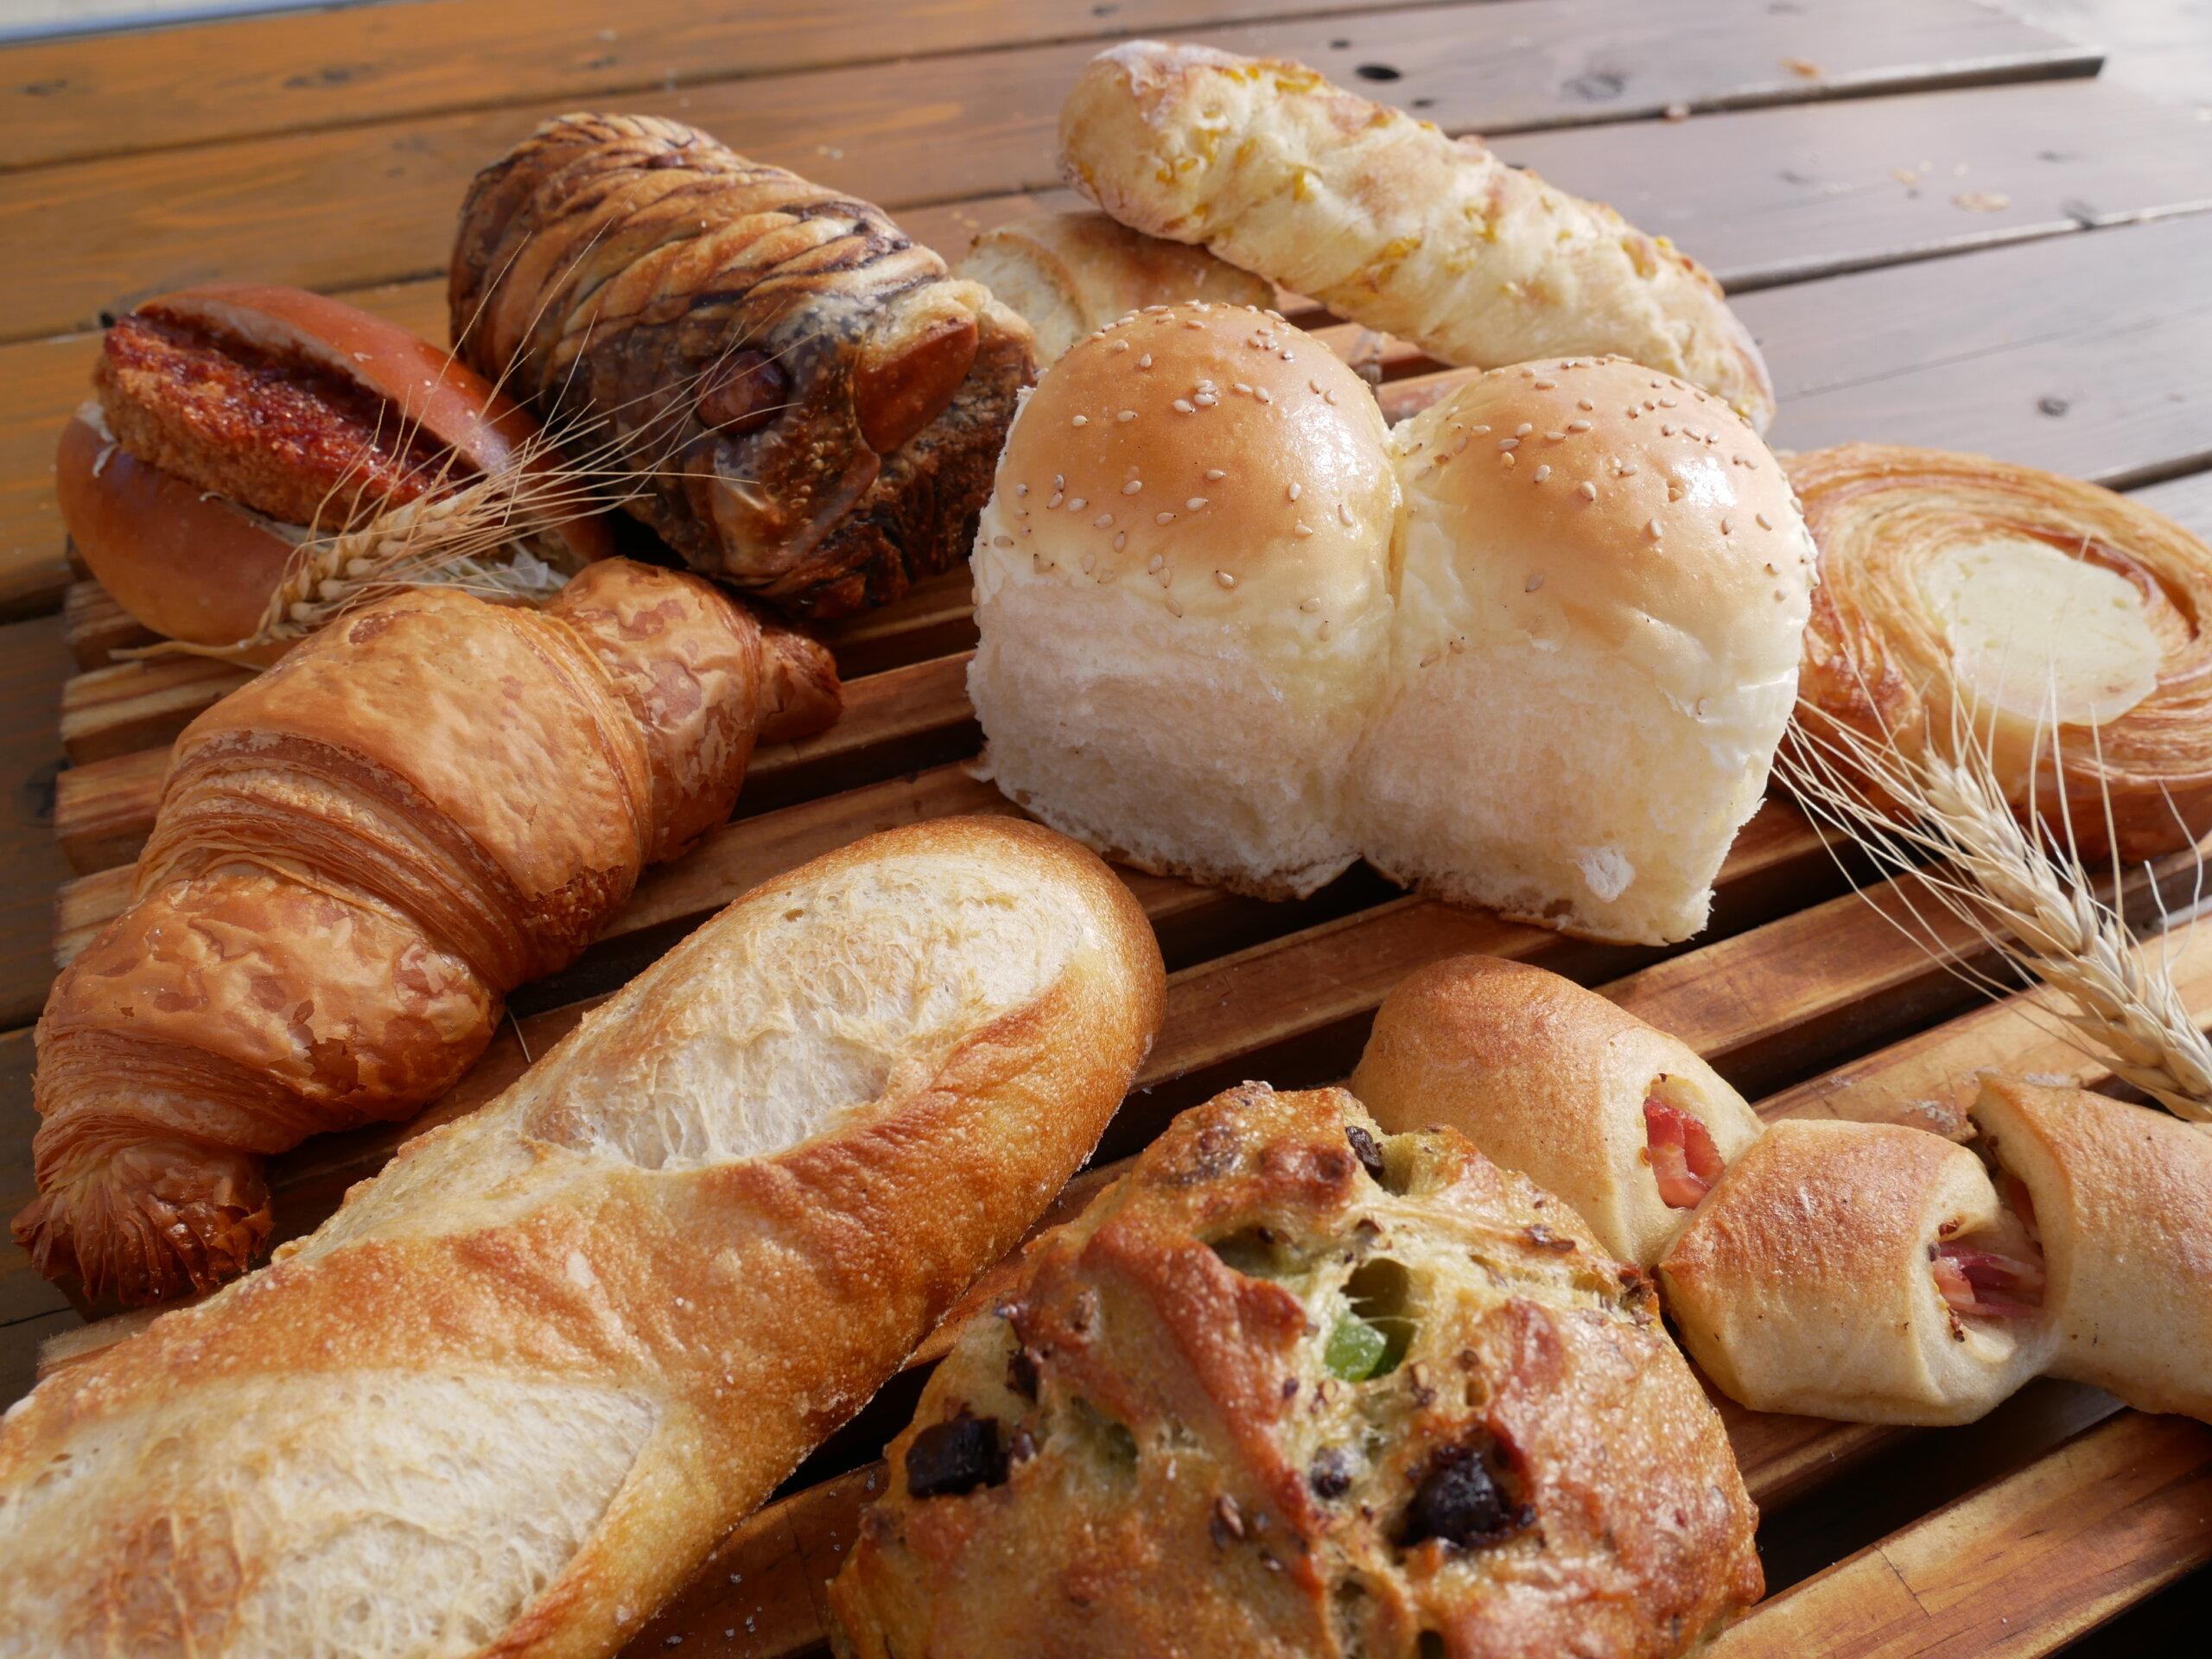 麥音:在廣大的小麥田中,百分百使用十勝小麥的麵包坊